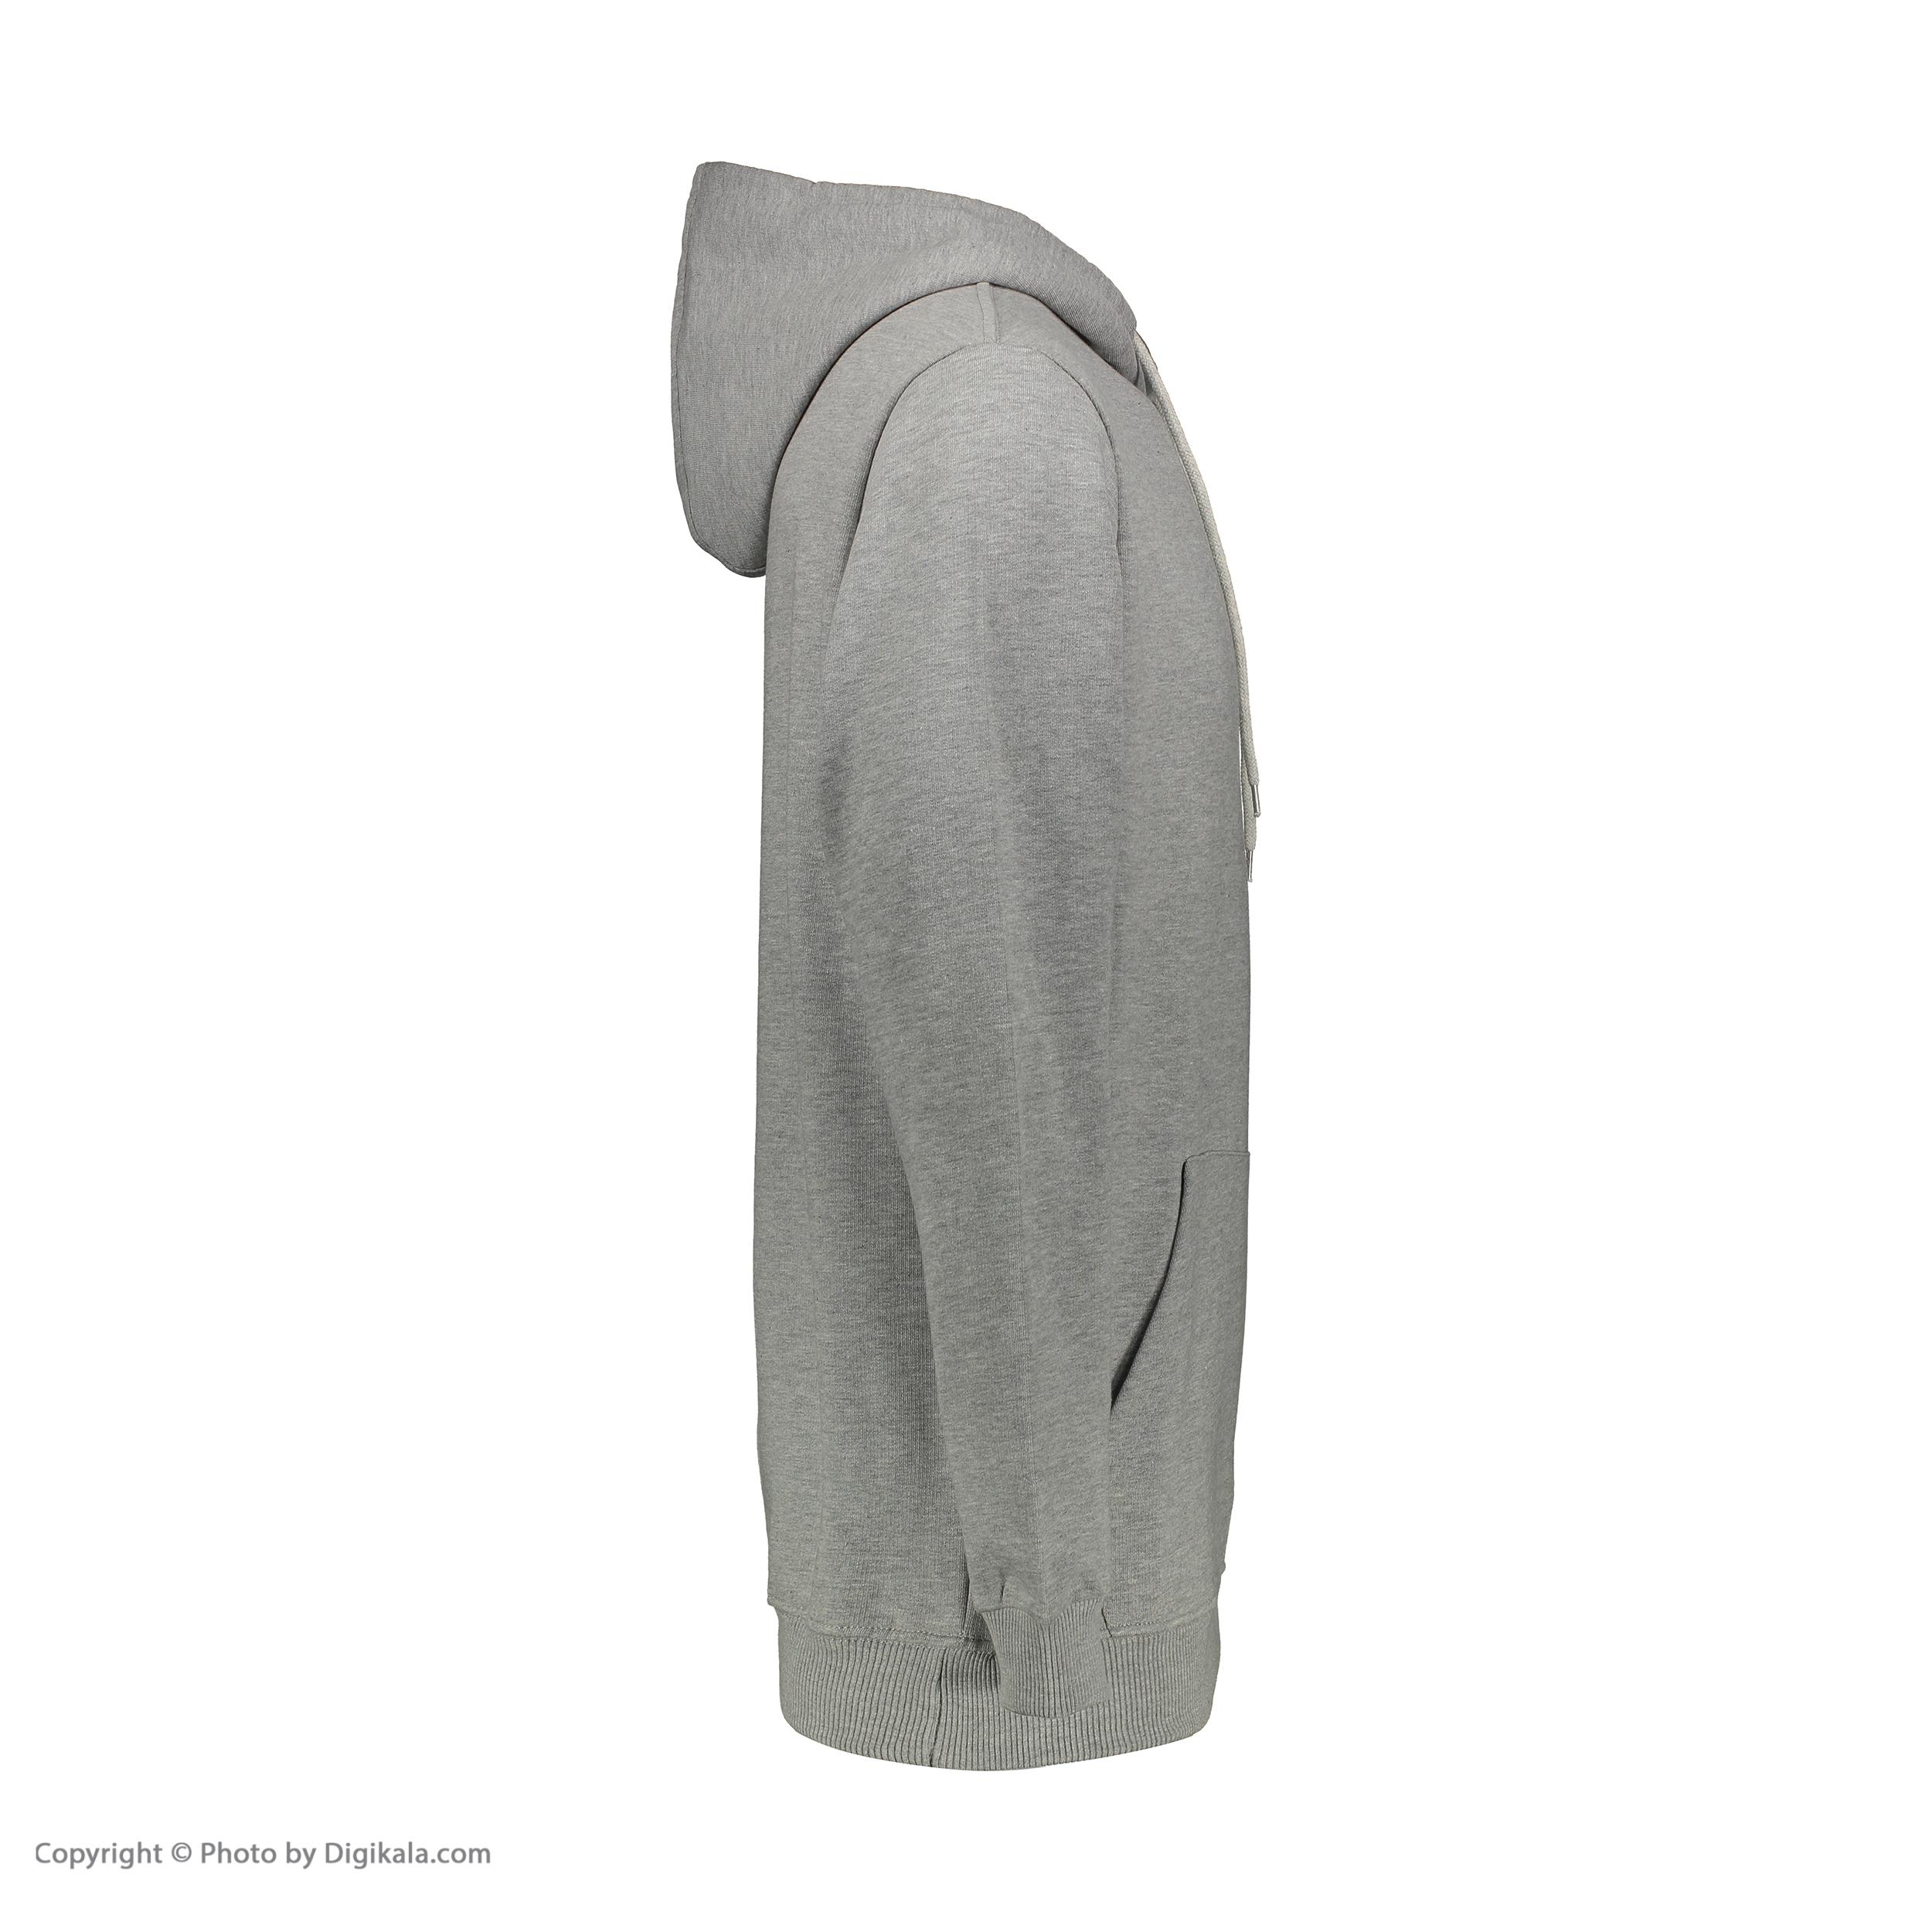 هودی ورزشی مردانه یونی پرو مدل 911159301-70